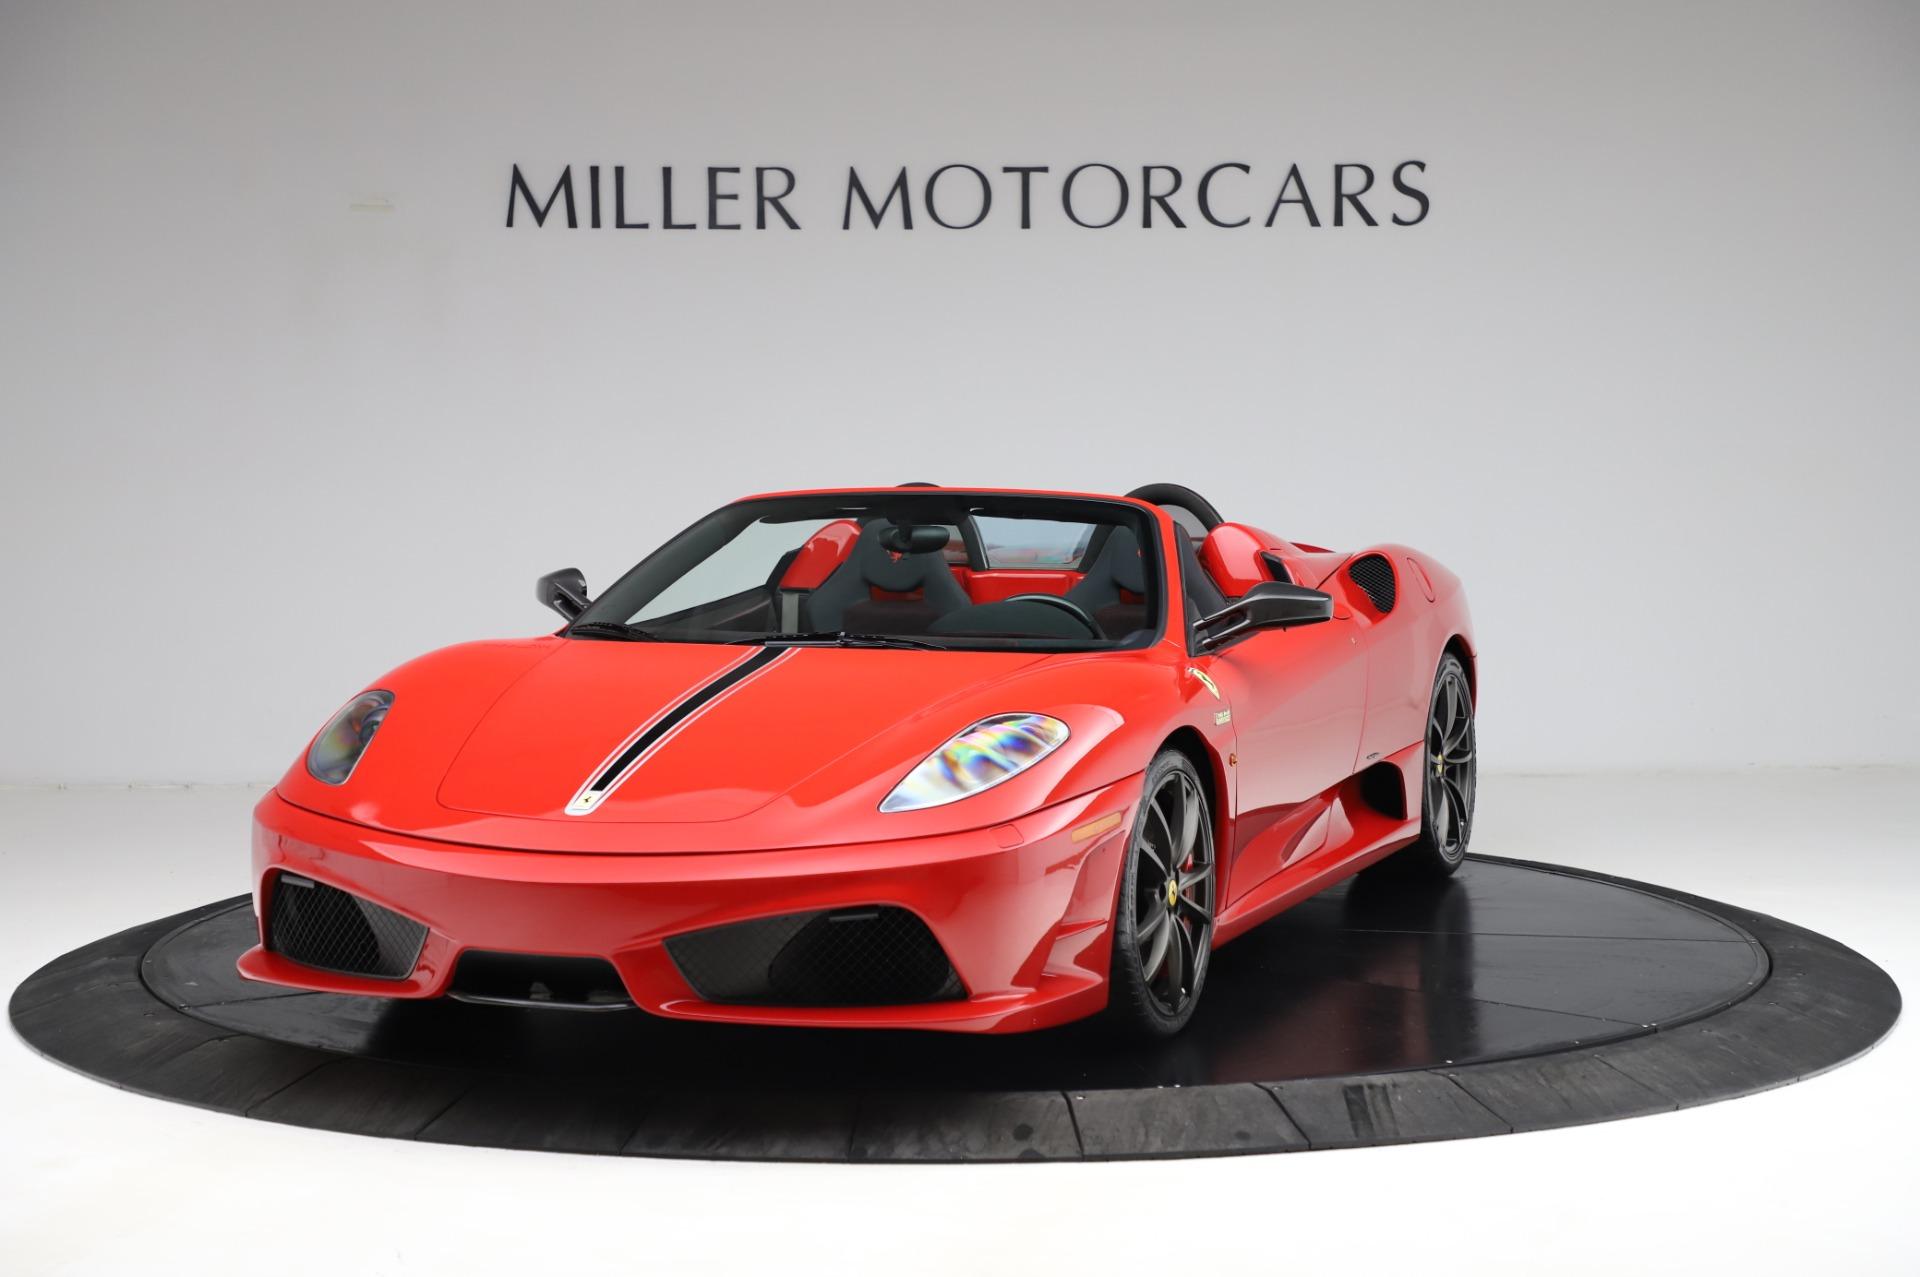 Used 2009 Ferrari 430 Scuderia Spider 16M for sale Call for price at Maserati of Westport in Westport CT 06880 1